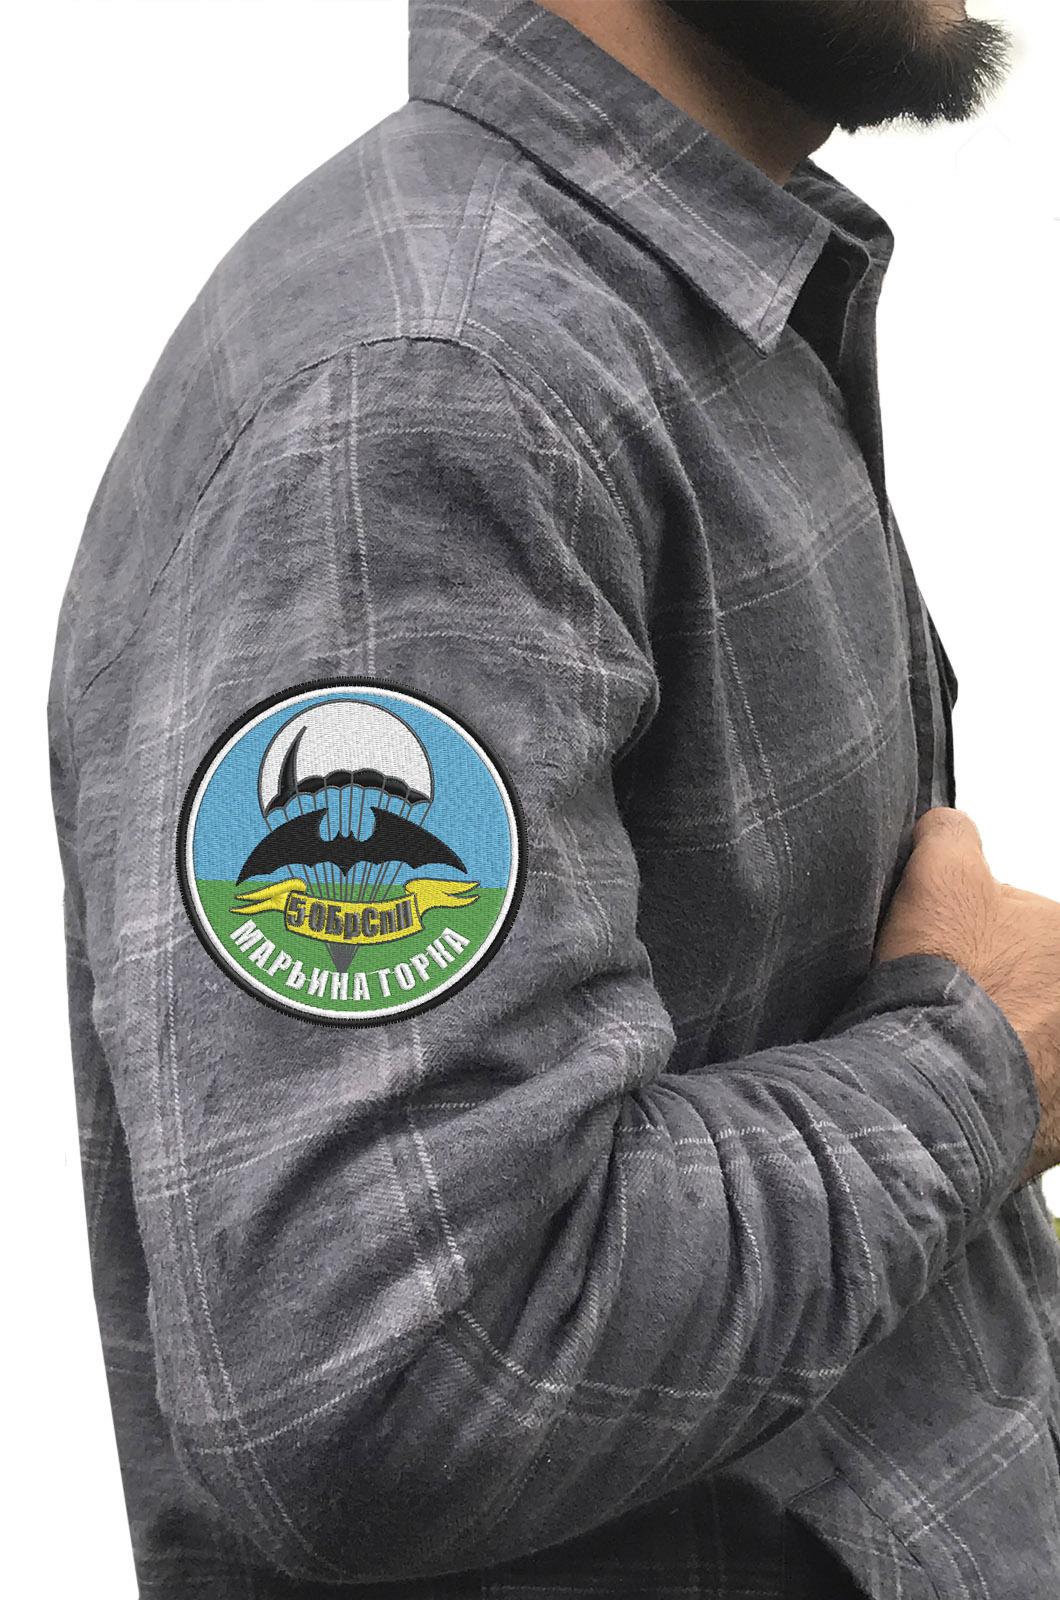 Рубашка 5 ОБр СпН ГРУ Марьина горка купить по сбалансированной цене